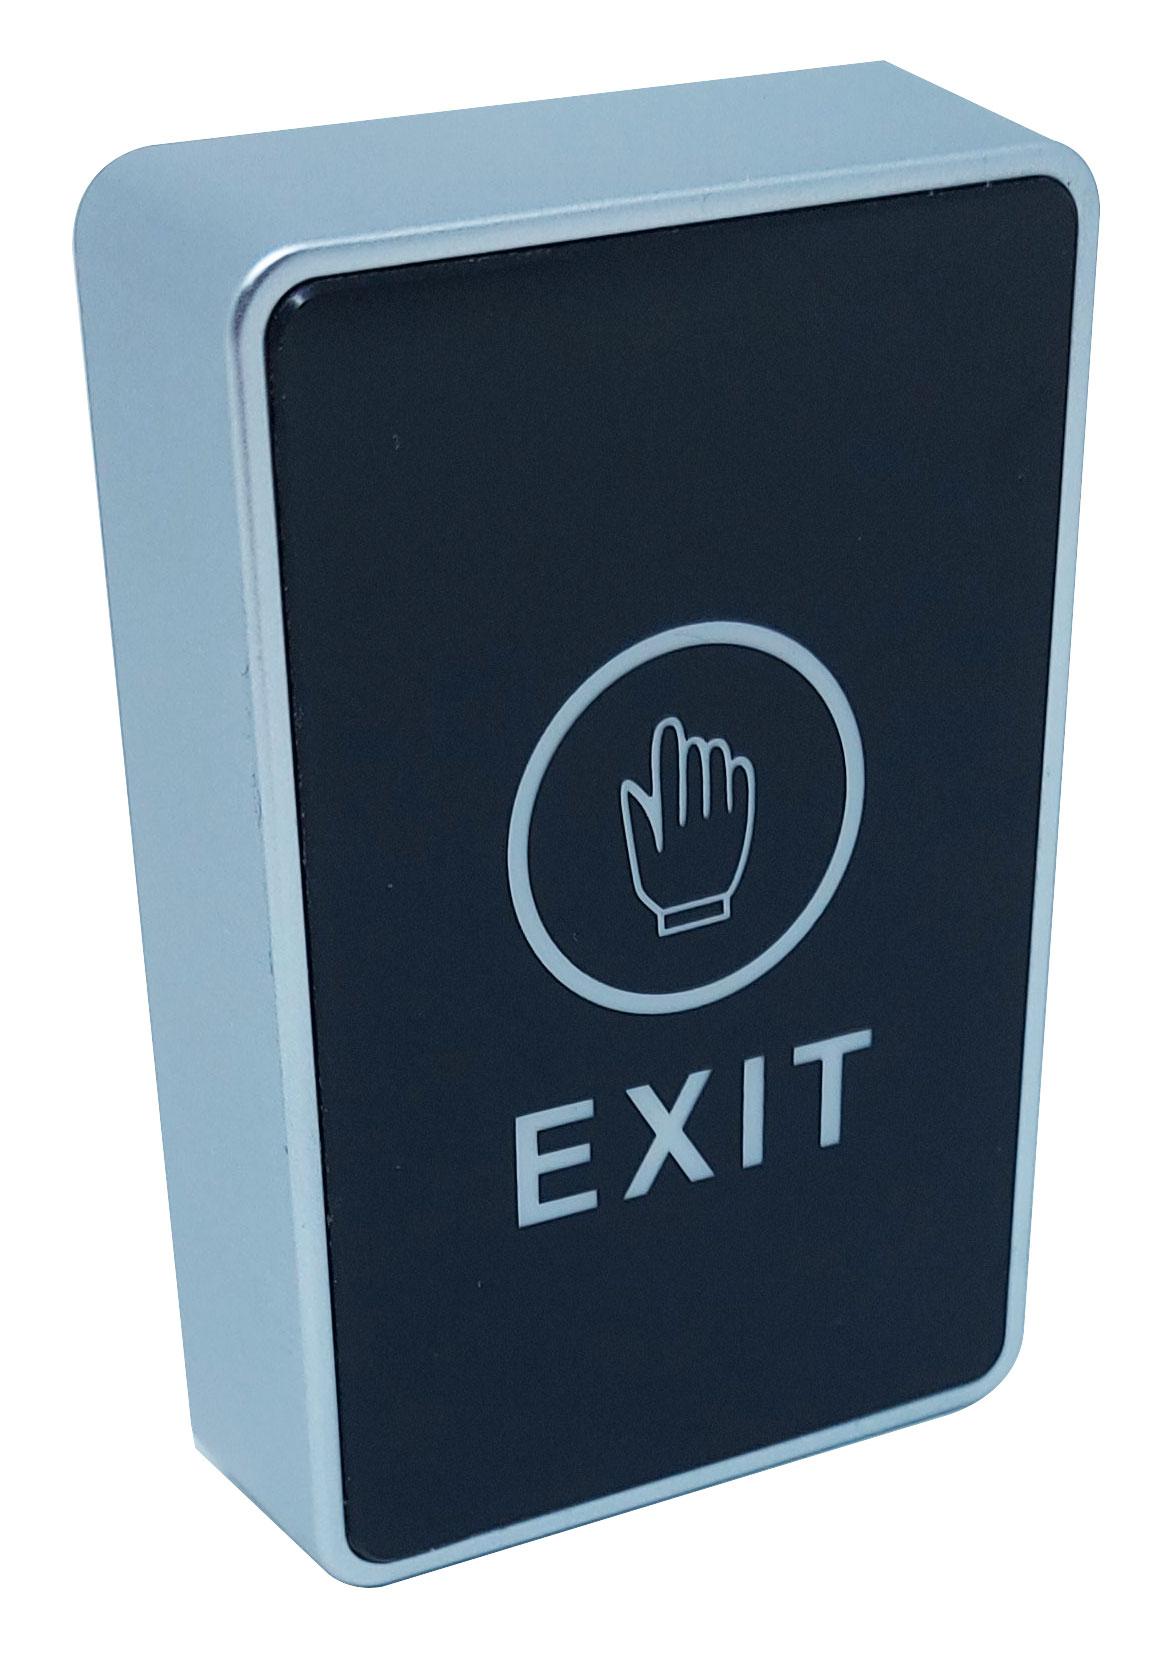 Botoeira Touch Black Exit - 20528